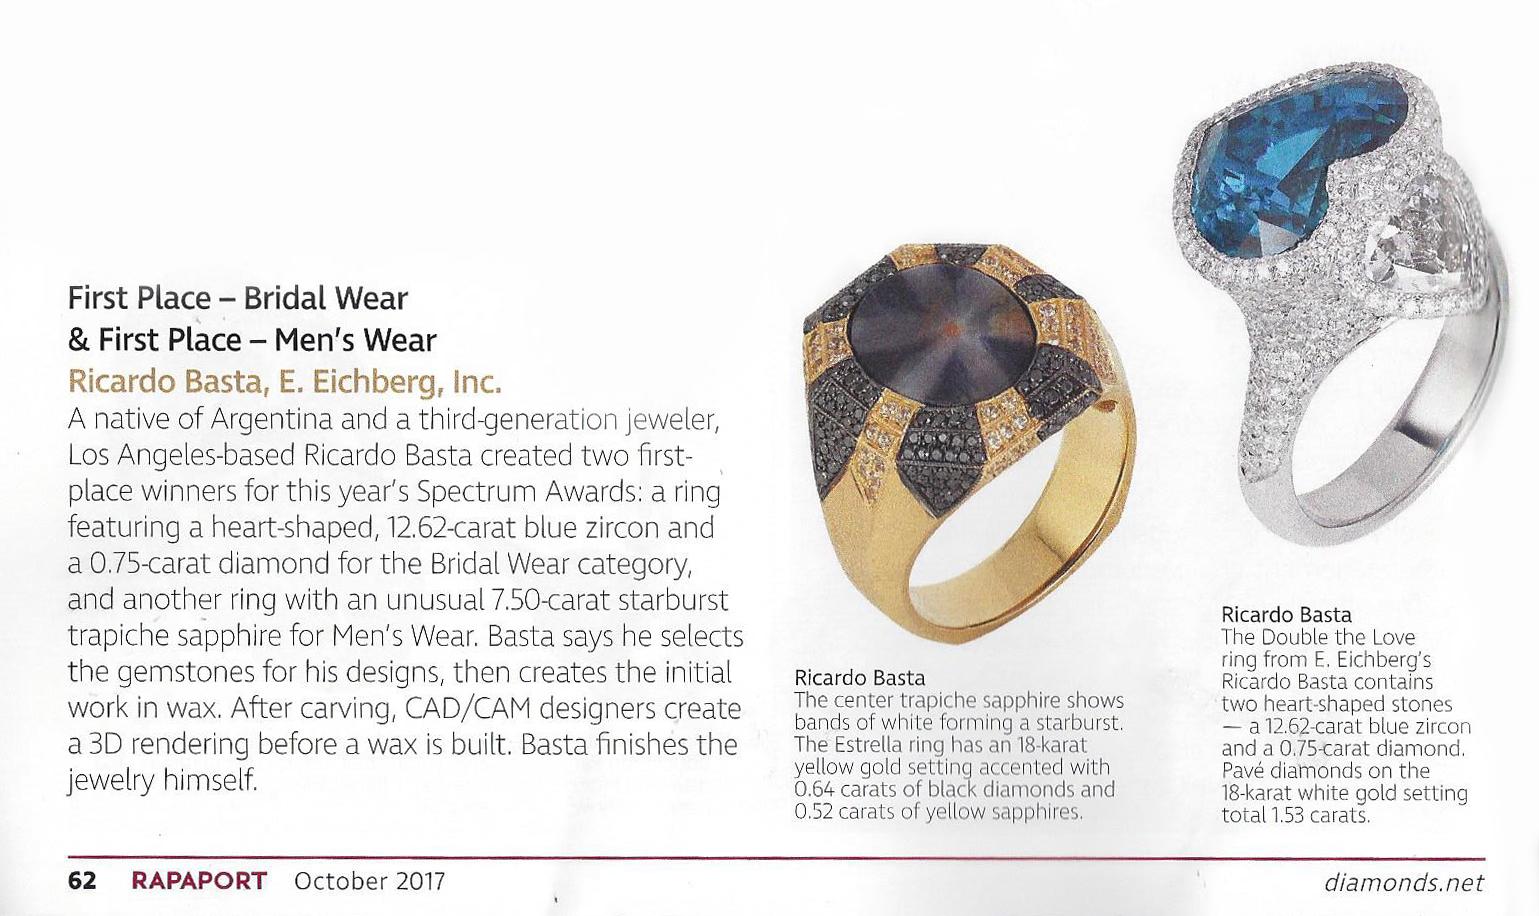 Ricardo Basta Fine Jewelry in Rapaport October 2017